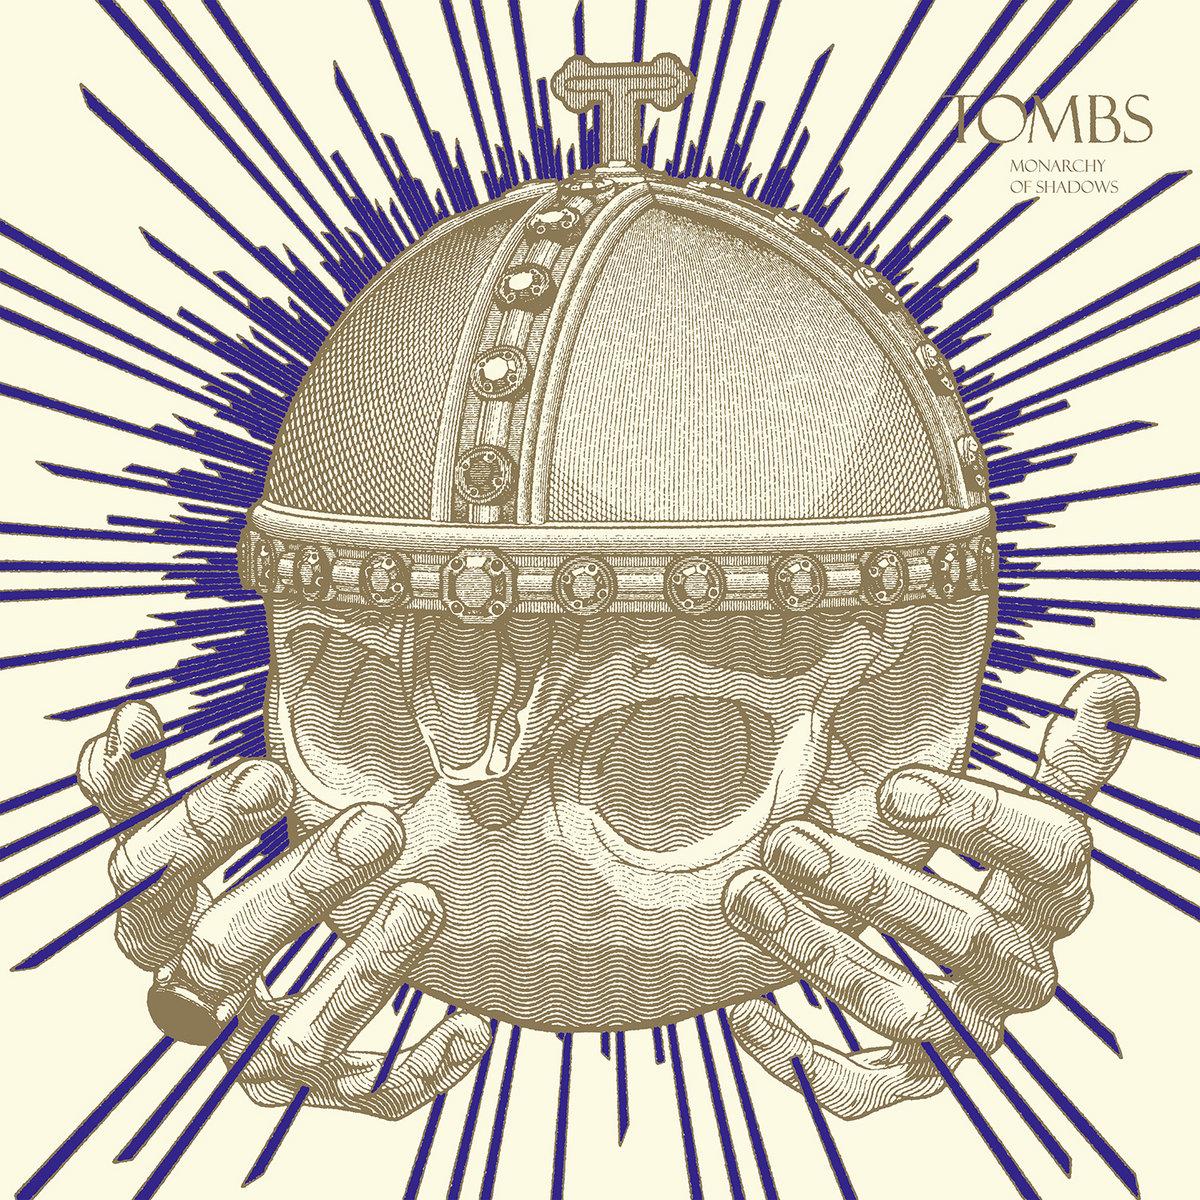 Αποτέλεσμα εικόνας για tombs monarchy of shadows